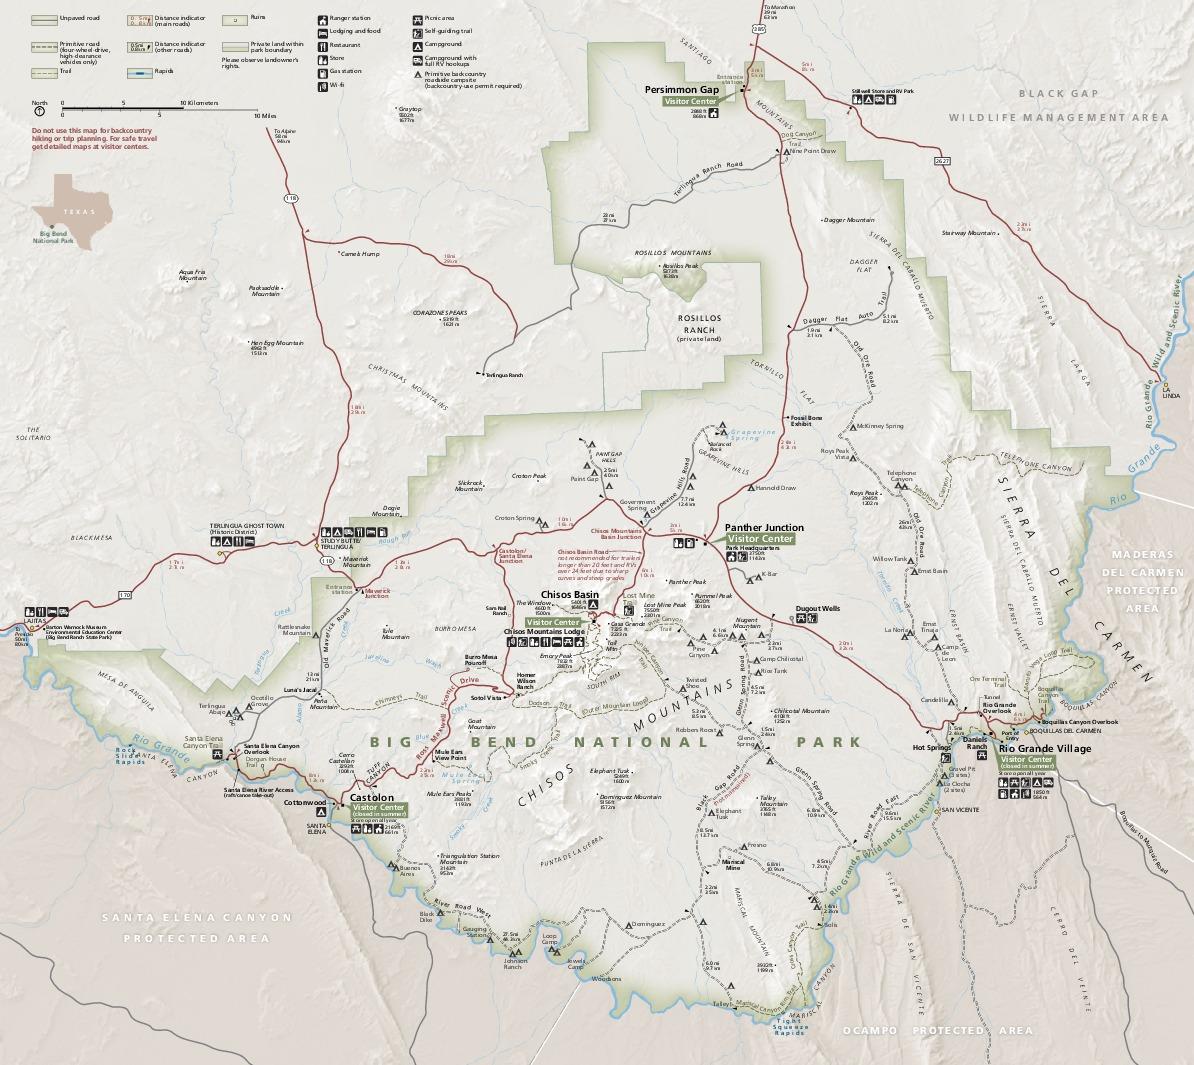 big-bend-national-park-map.pdf